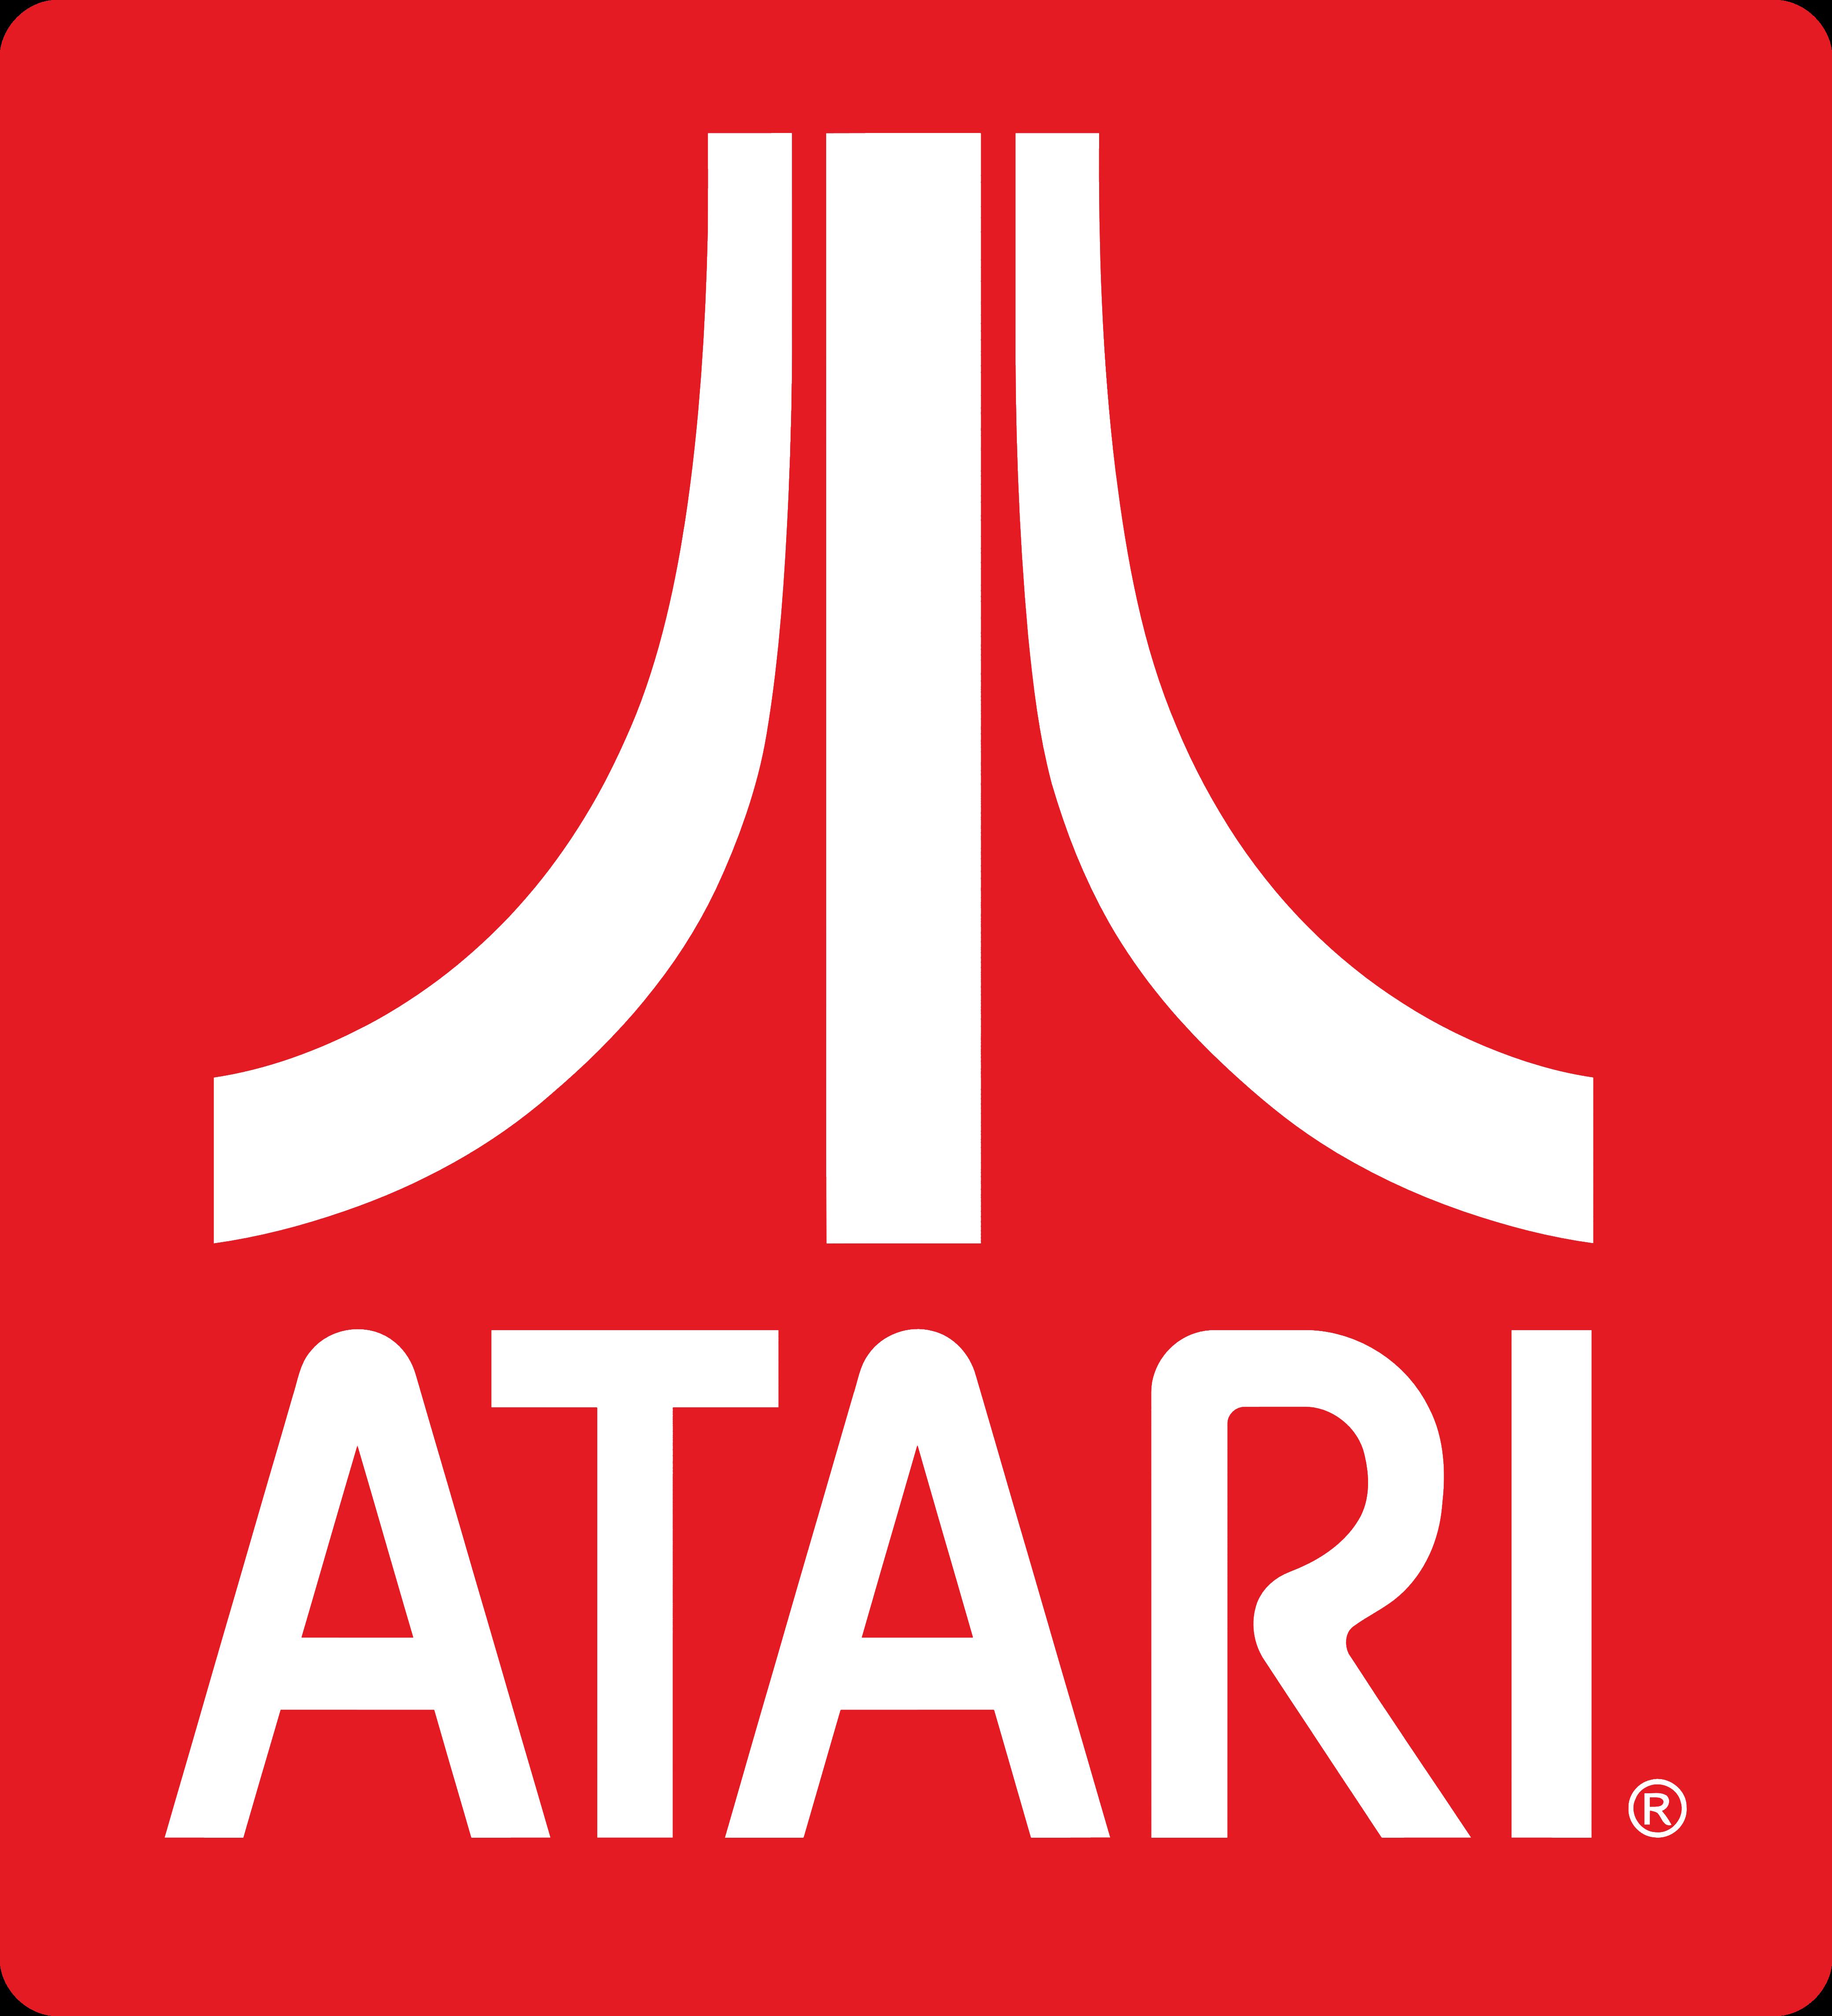 atari � logos download